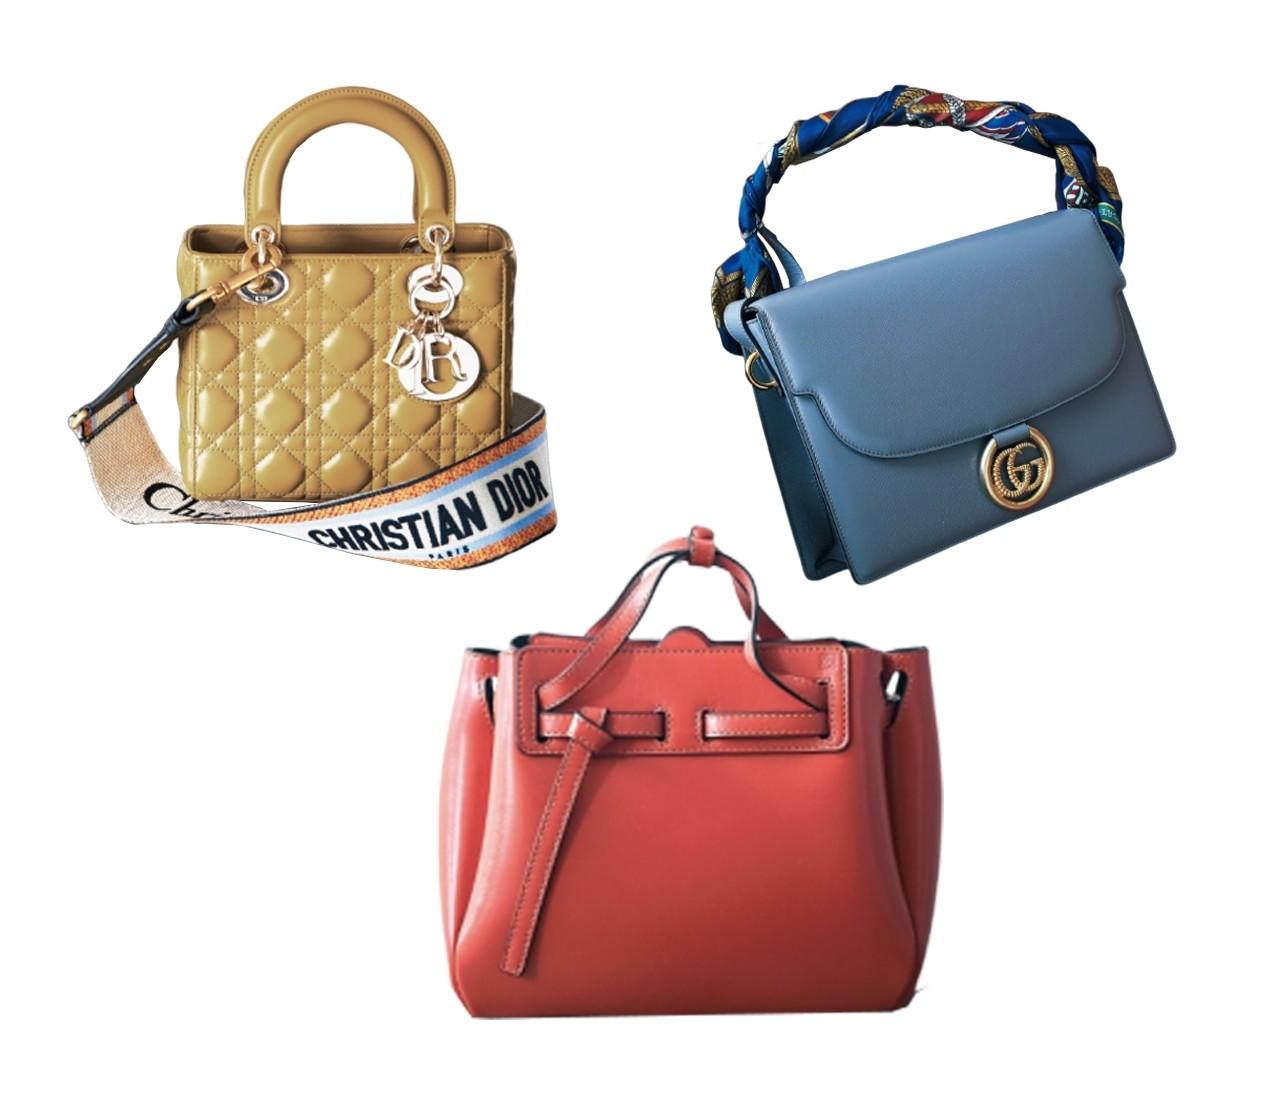 毎日を憧れブランドバッグとともに。日常を彩る秋の新作バッグ12選